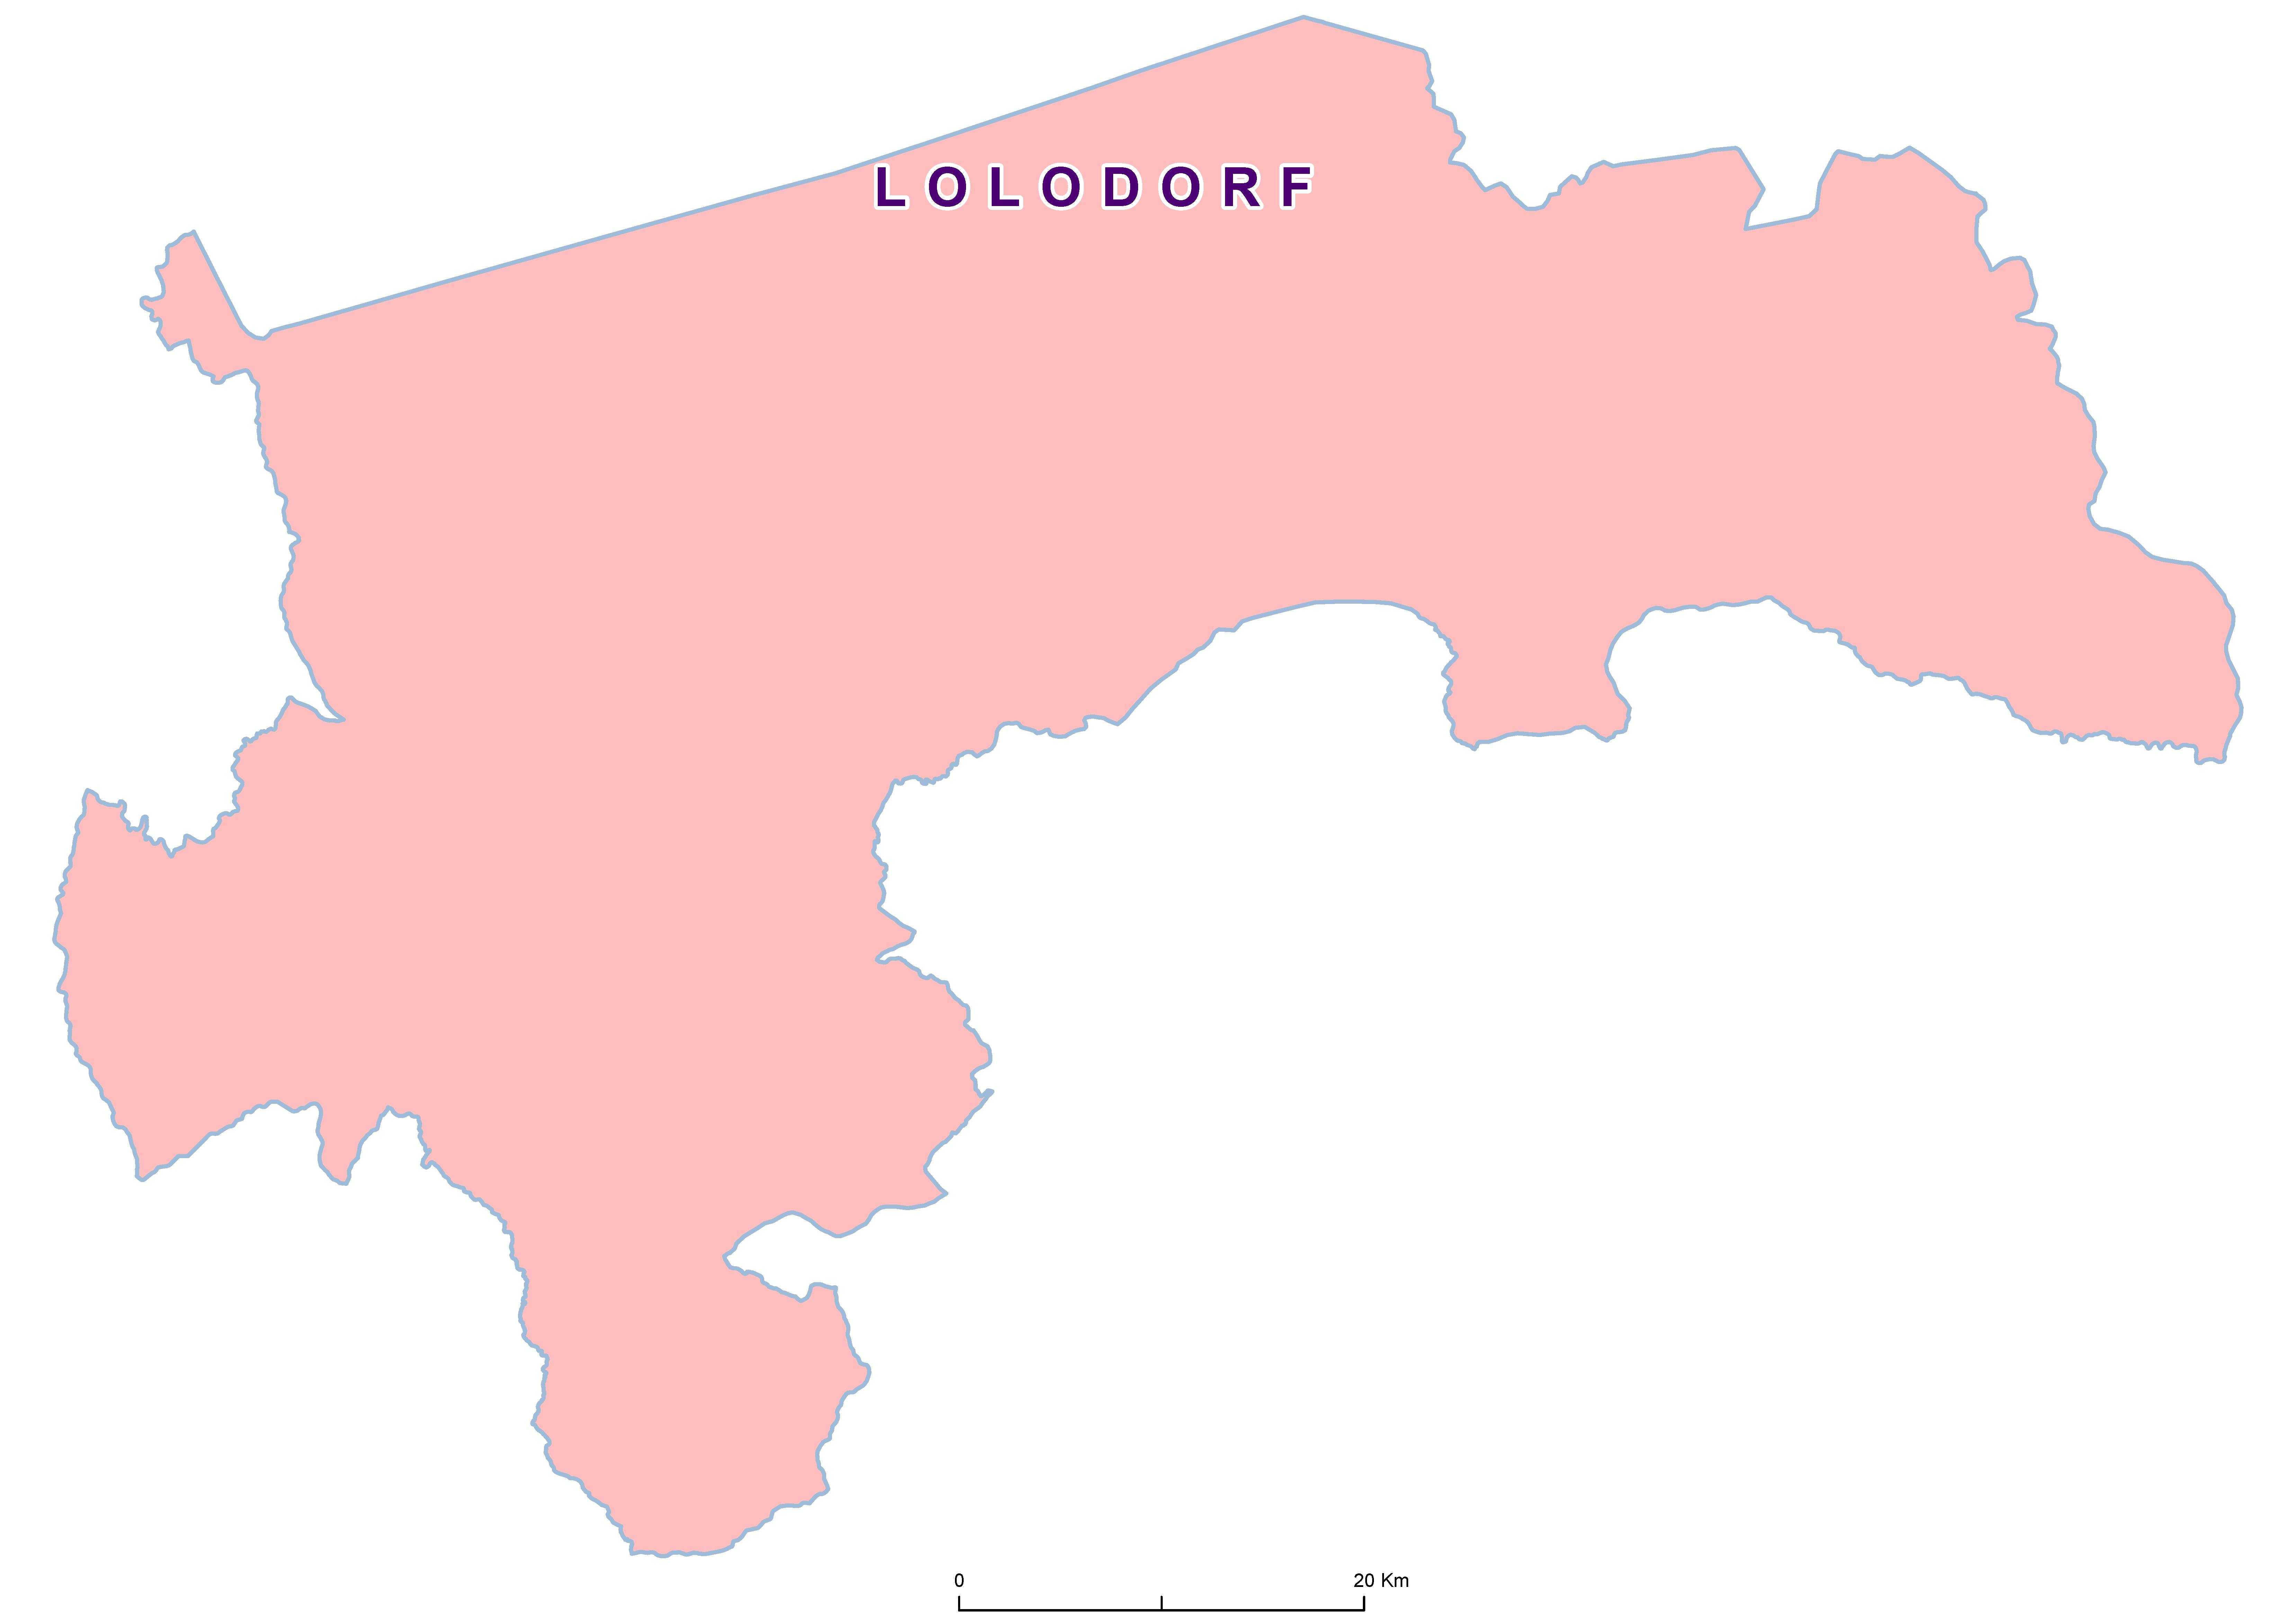 Lolodorf Mean SCH 19850001